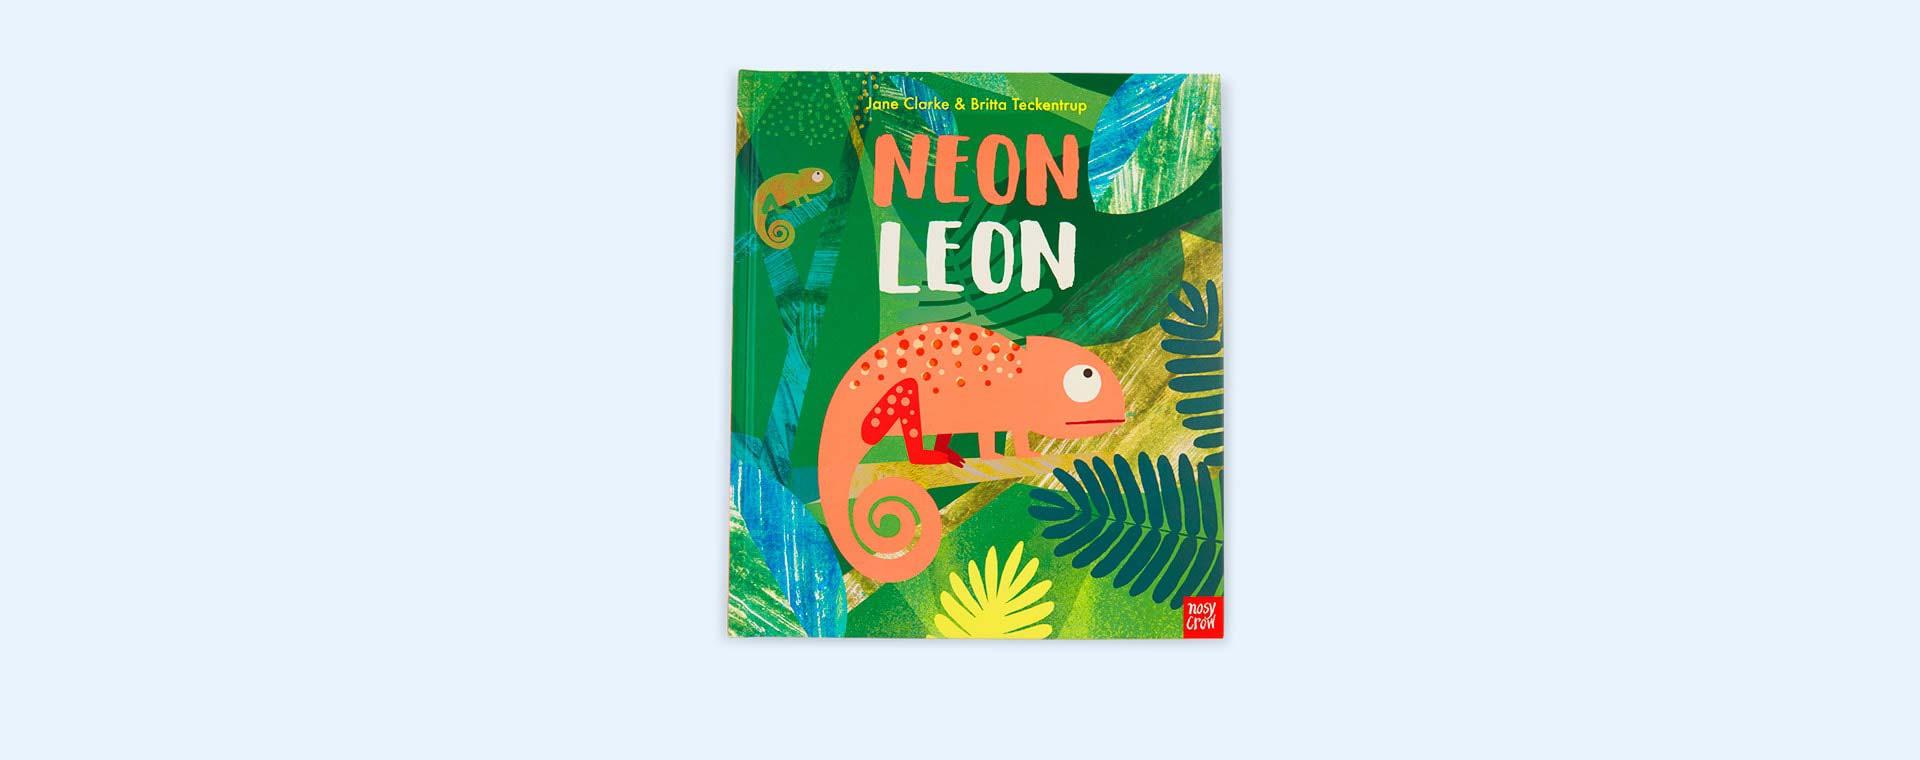 Green bookspeed Neon Leon